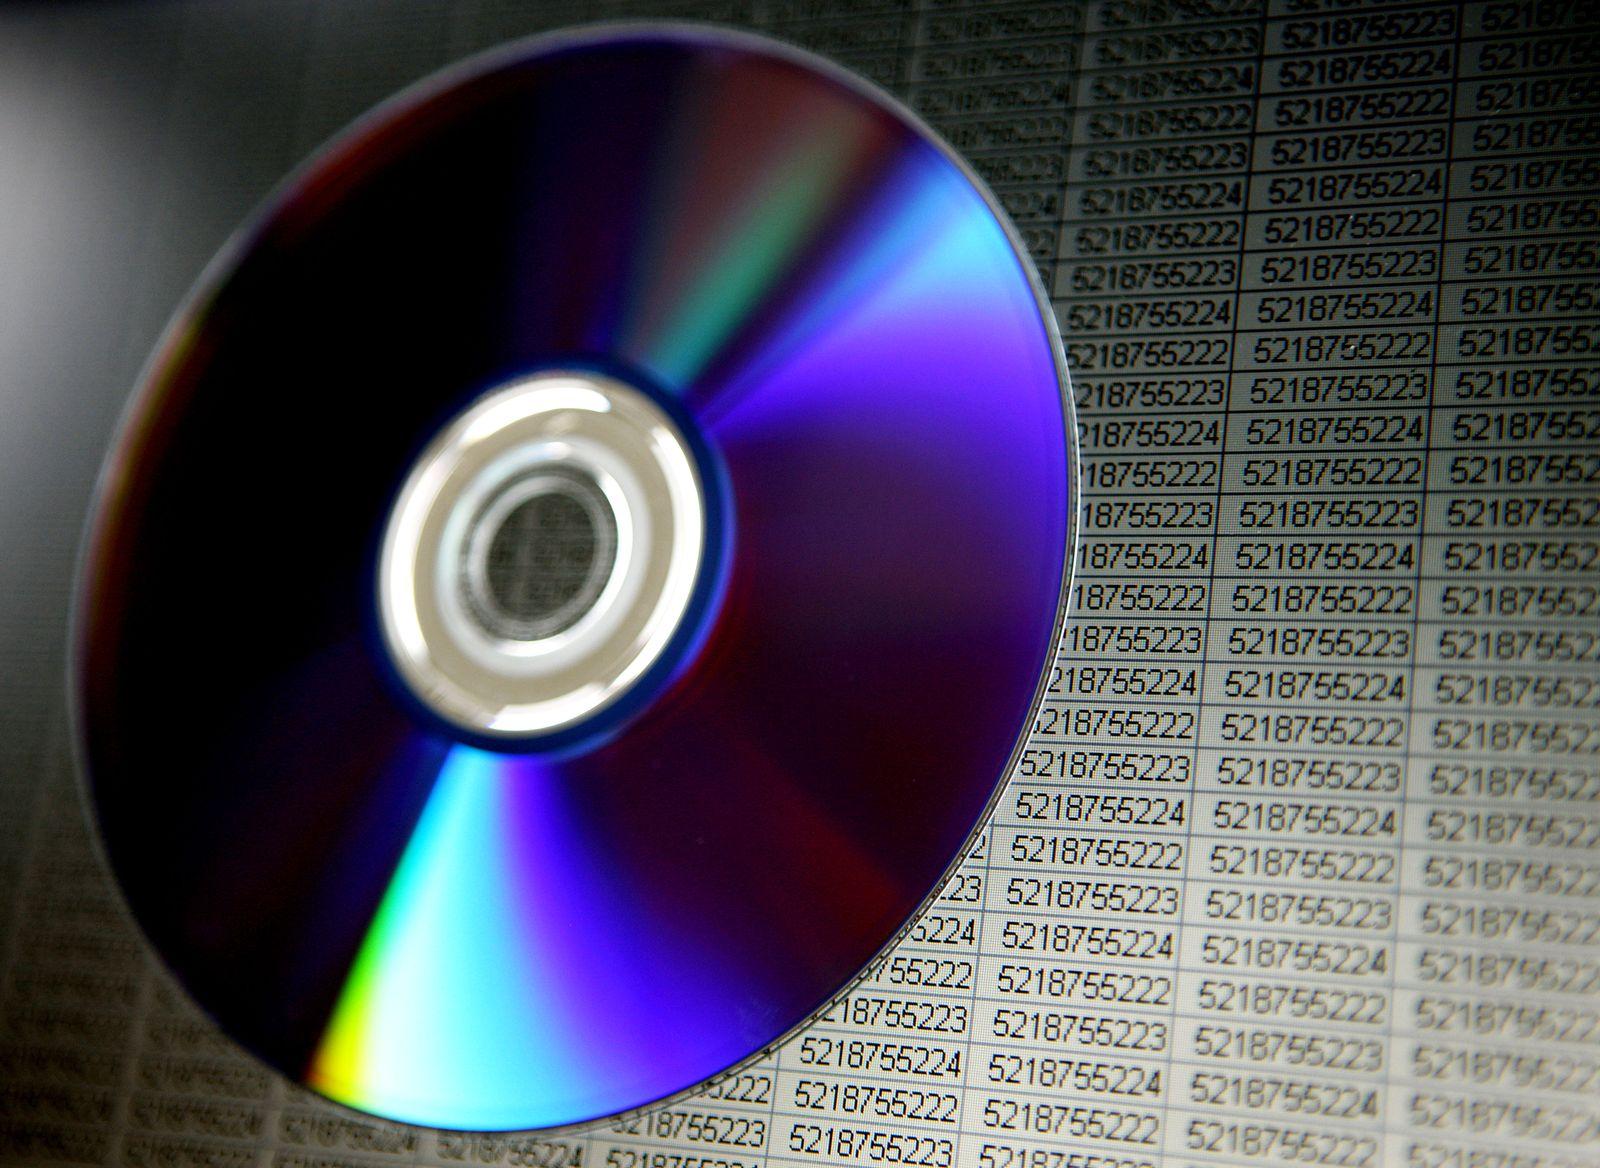 Schweiz / Daten CD